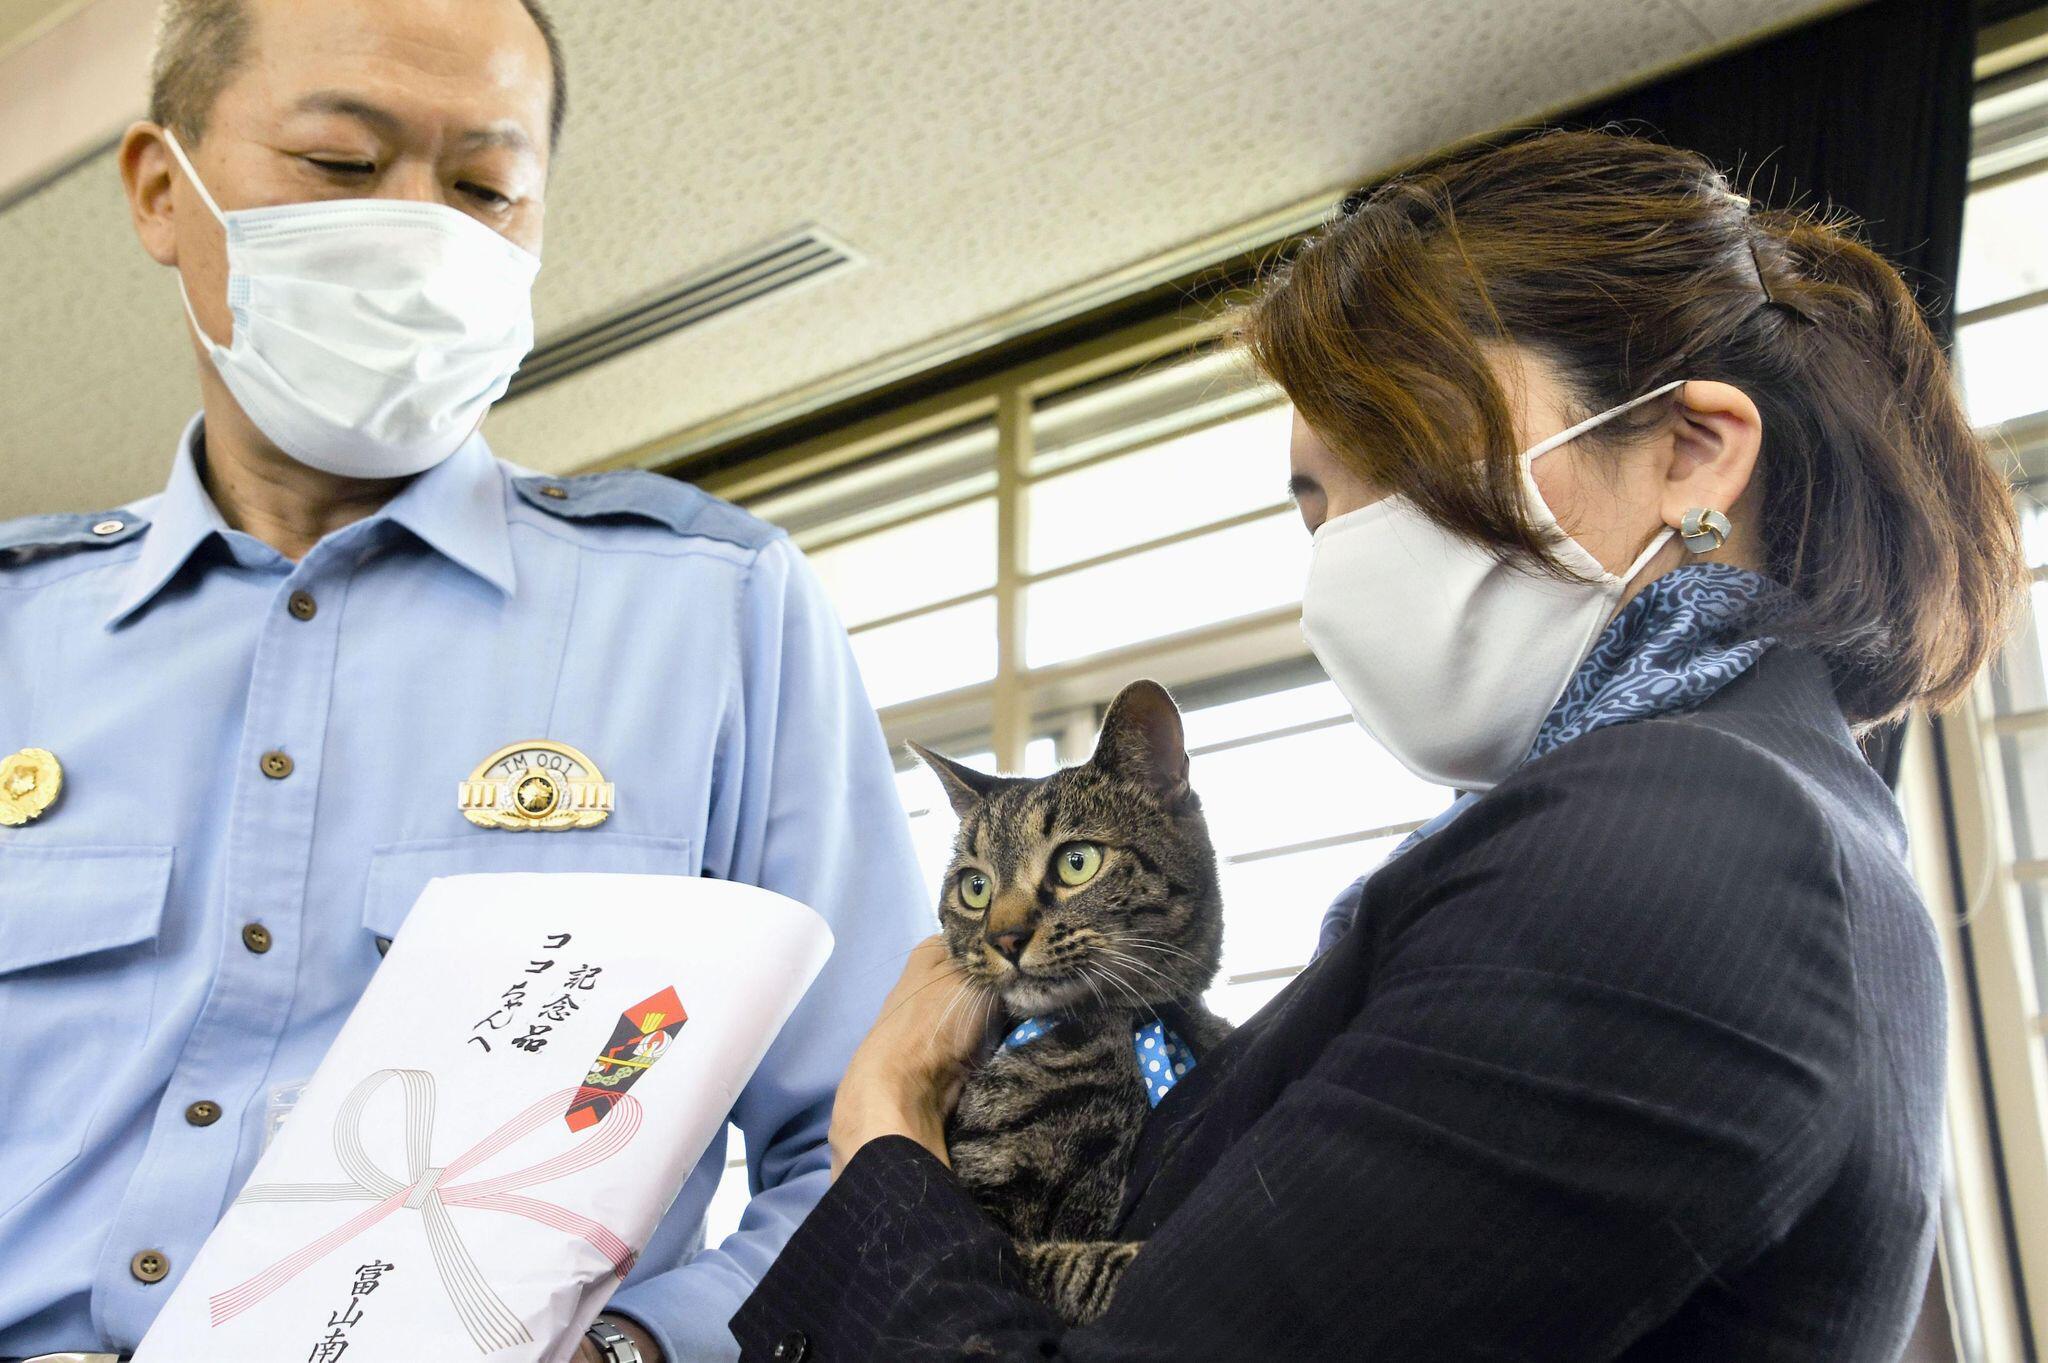 Bild zu Kater in Japan erhält Dankesurkunde nach Rettungseinsatz